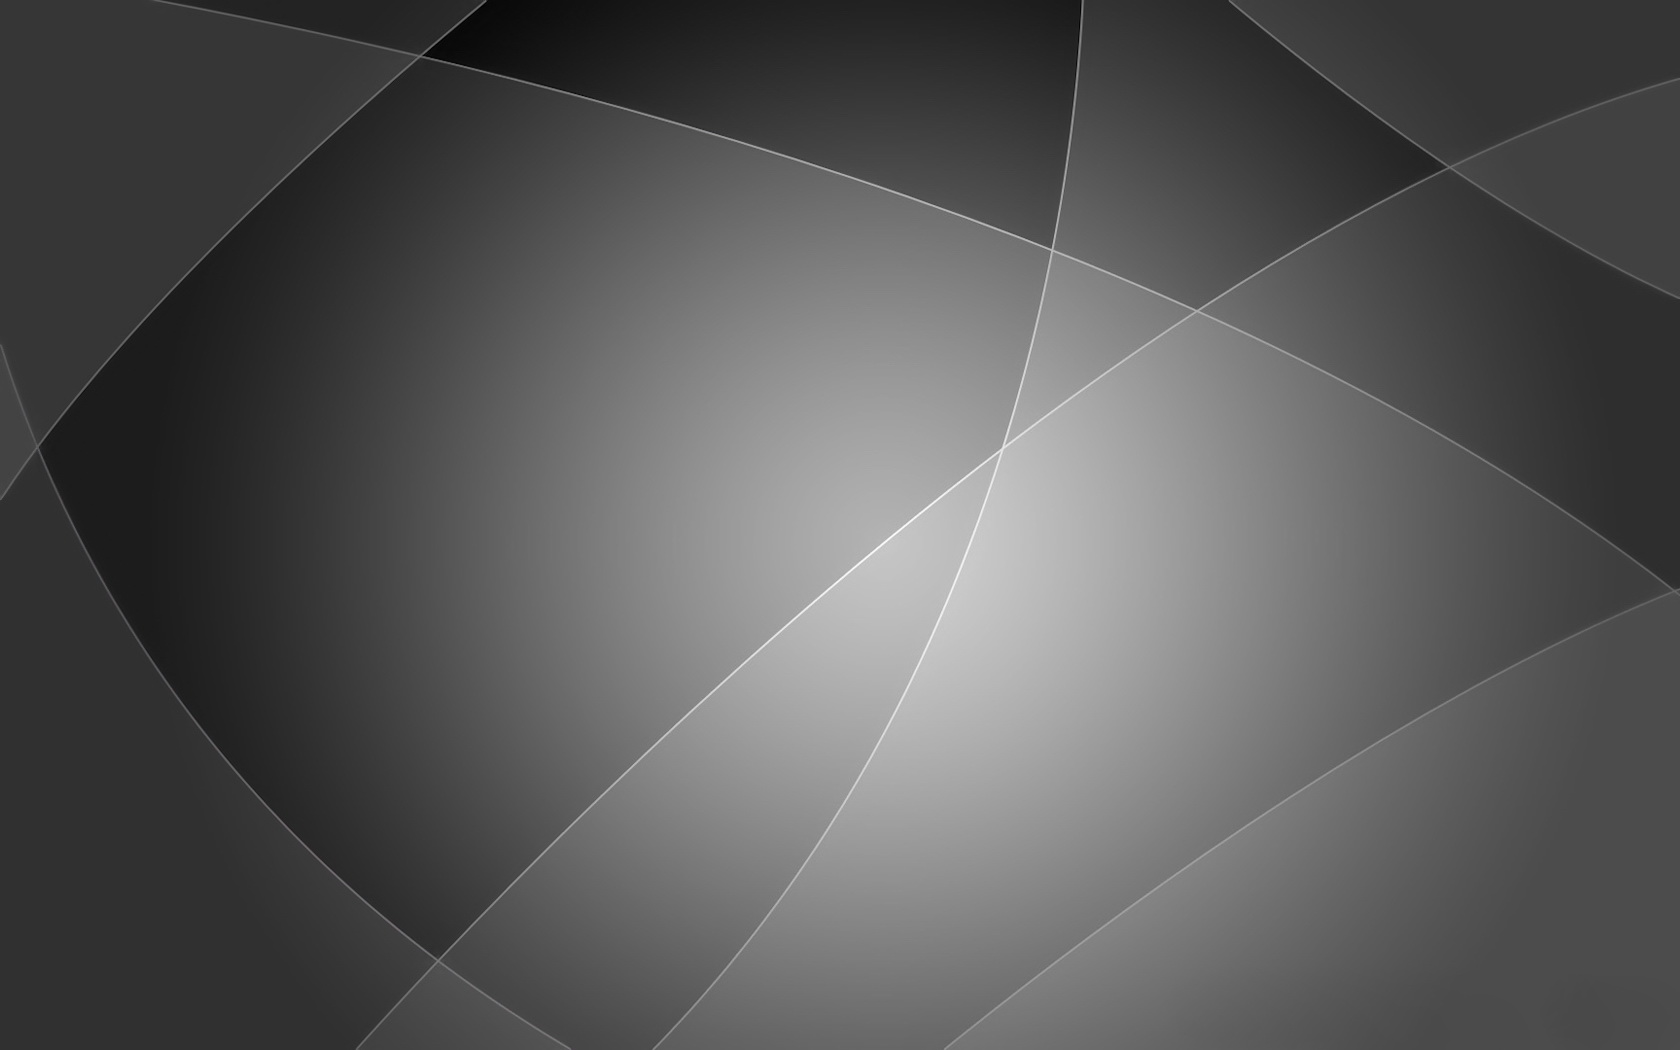 материальный дизайн горы коричнево-серый  № 3216637 бесплатно